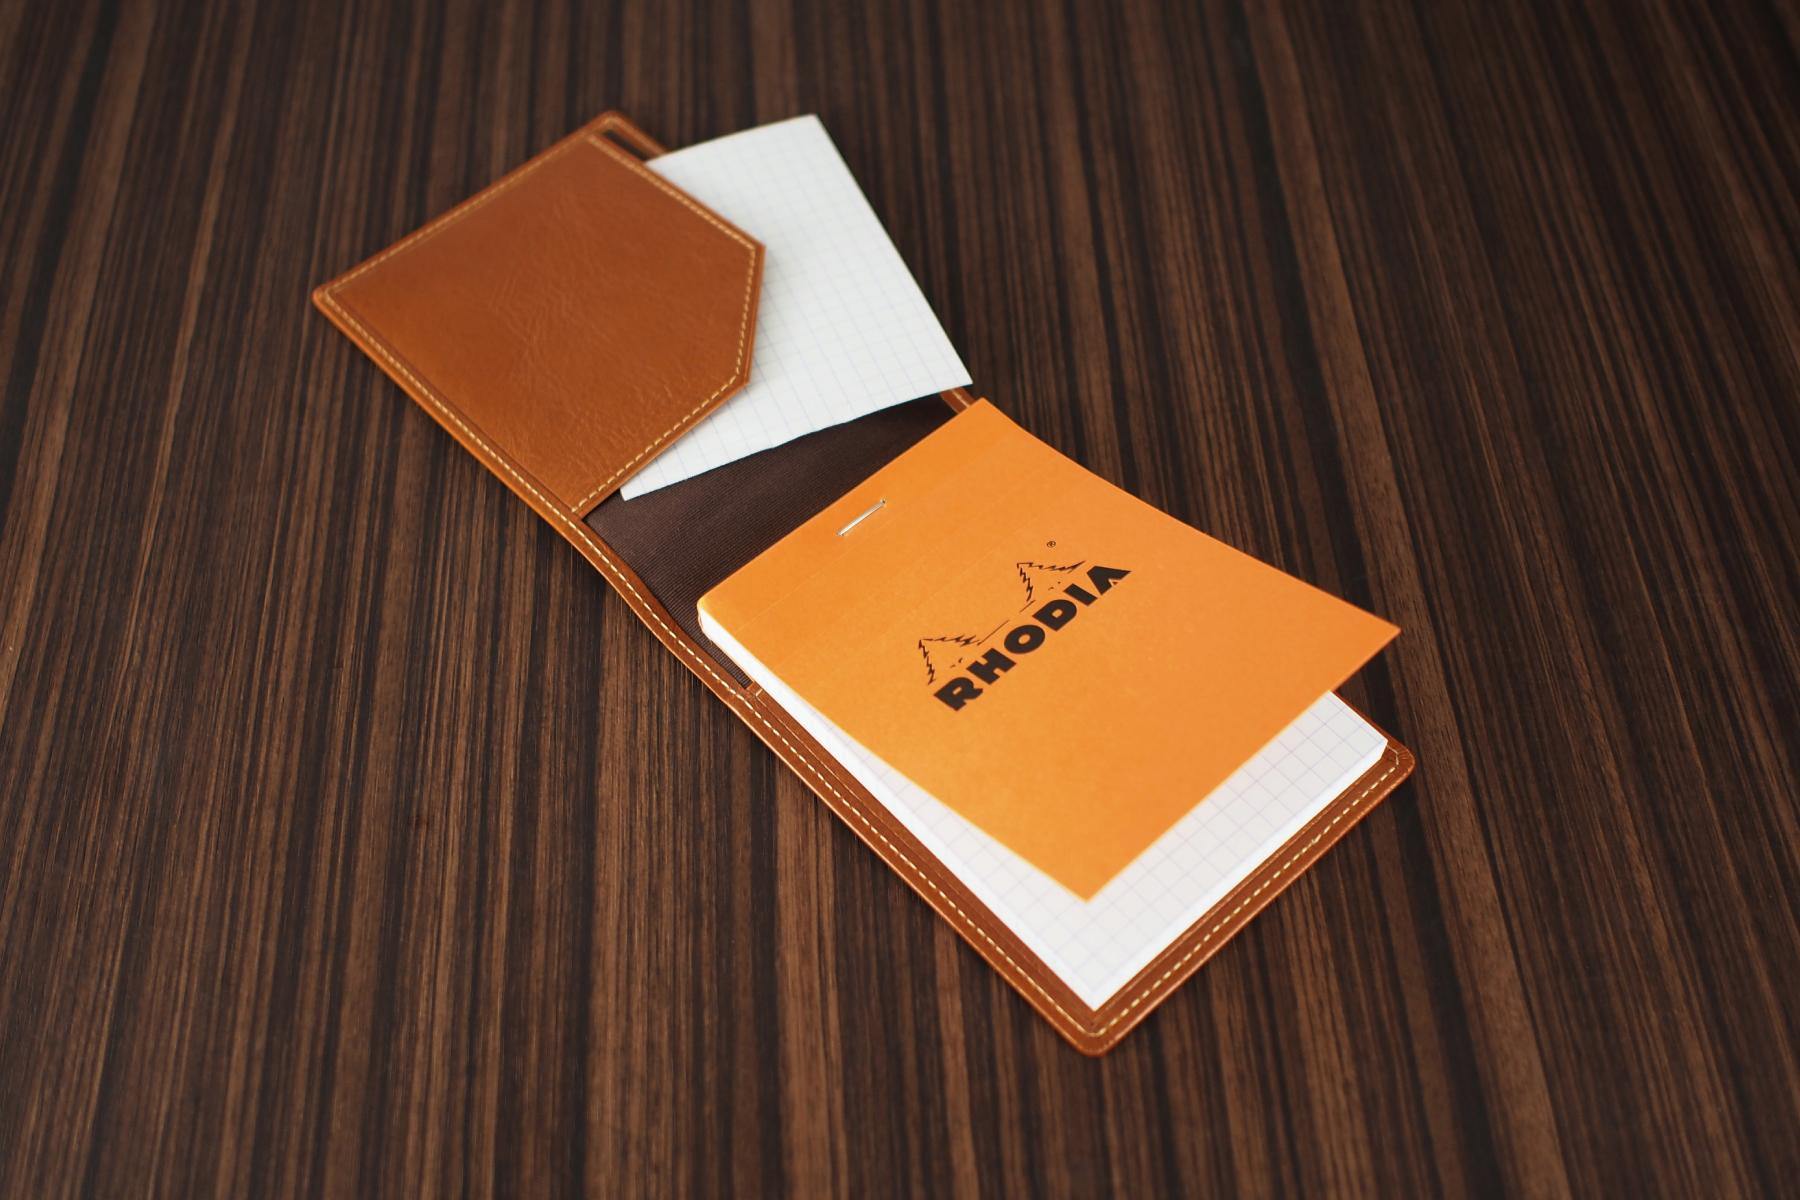 ロディア革製メモカバー・アンティークへメモを挟み込んだ写真